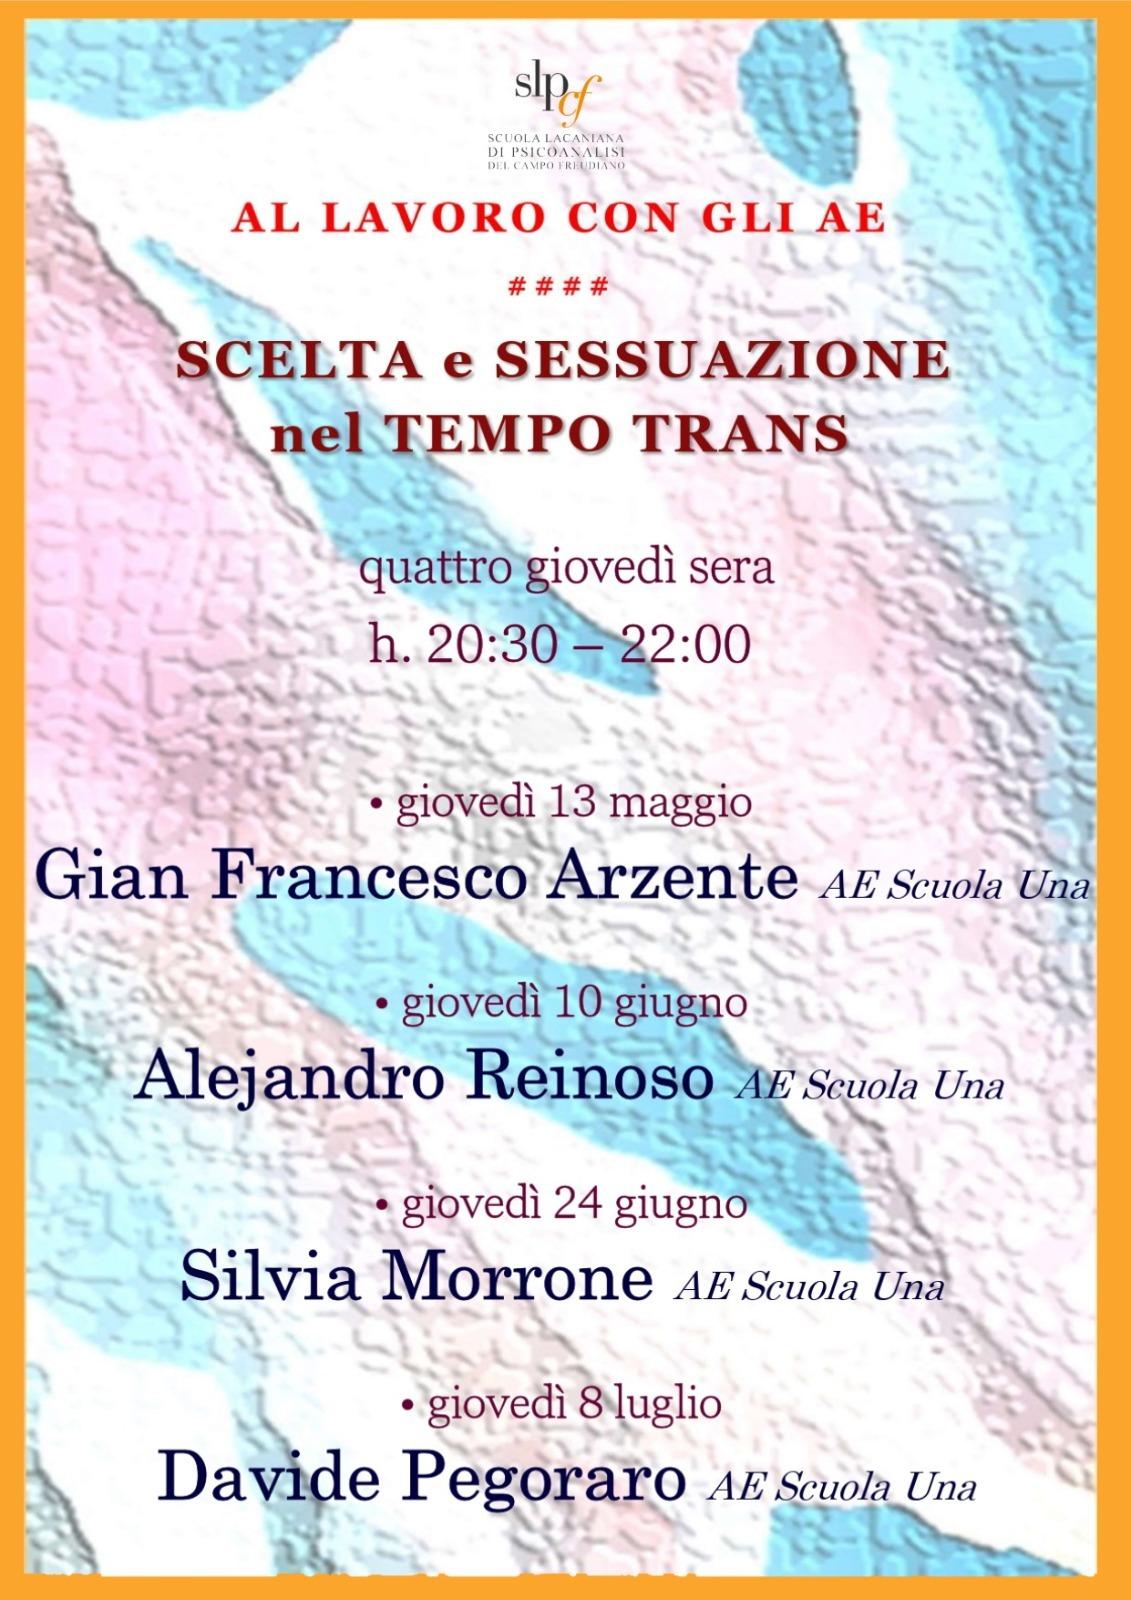 Al lavoro con gli AE - Scelta e sessuazione nel tempo trans